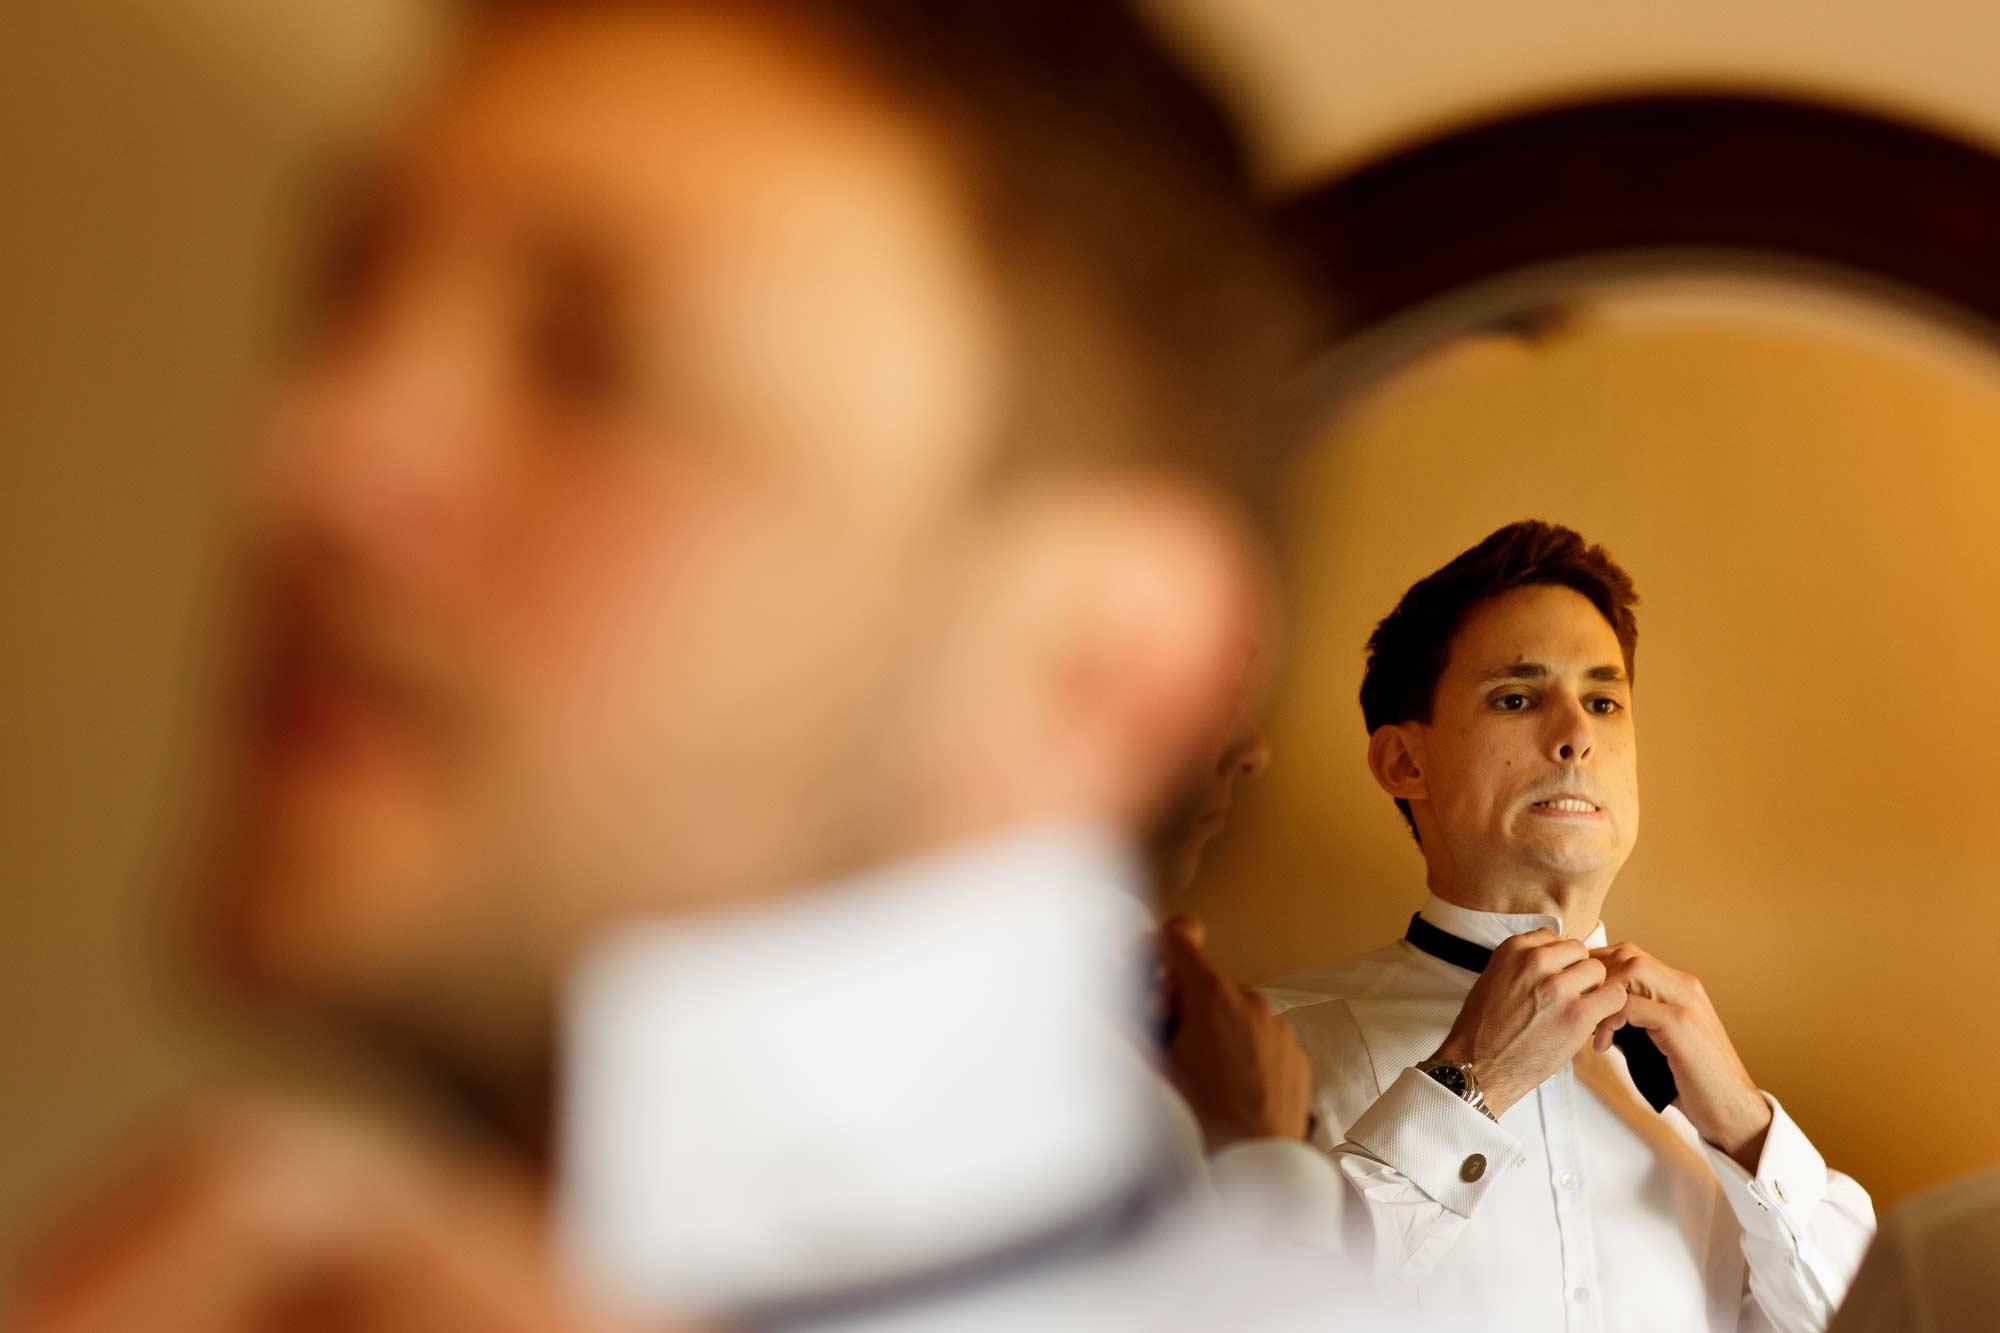 Groom struggling to fasten his bow tie facing a mirror